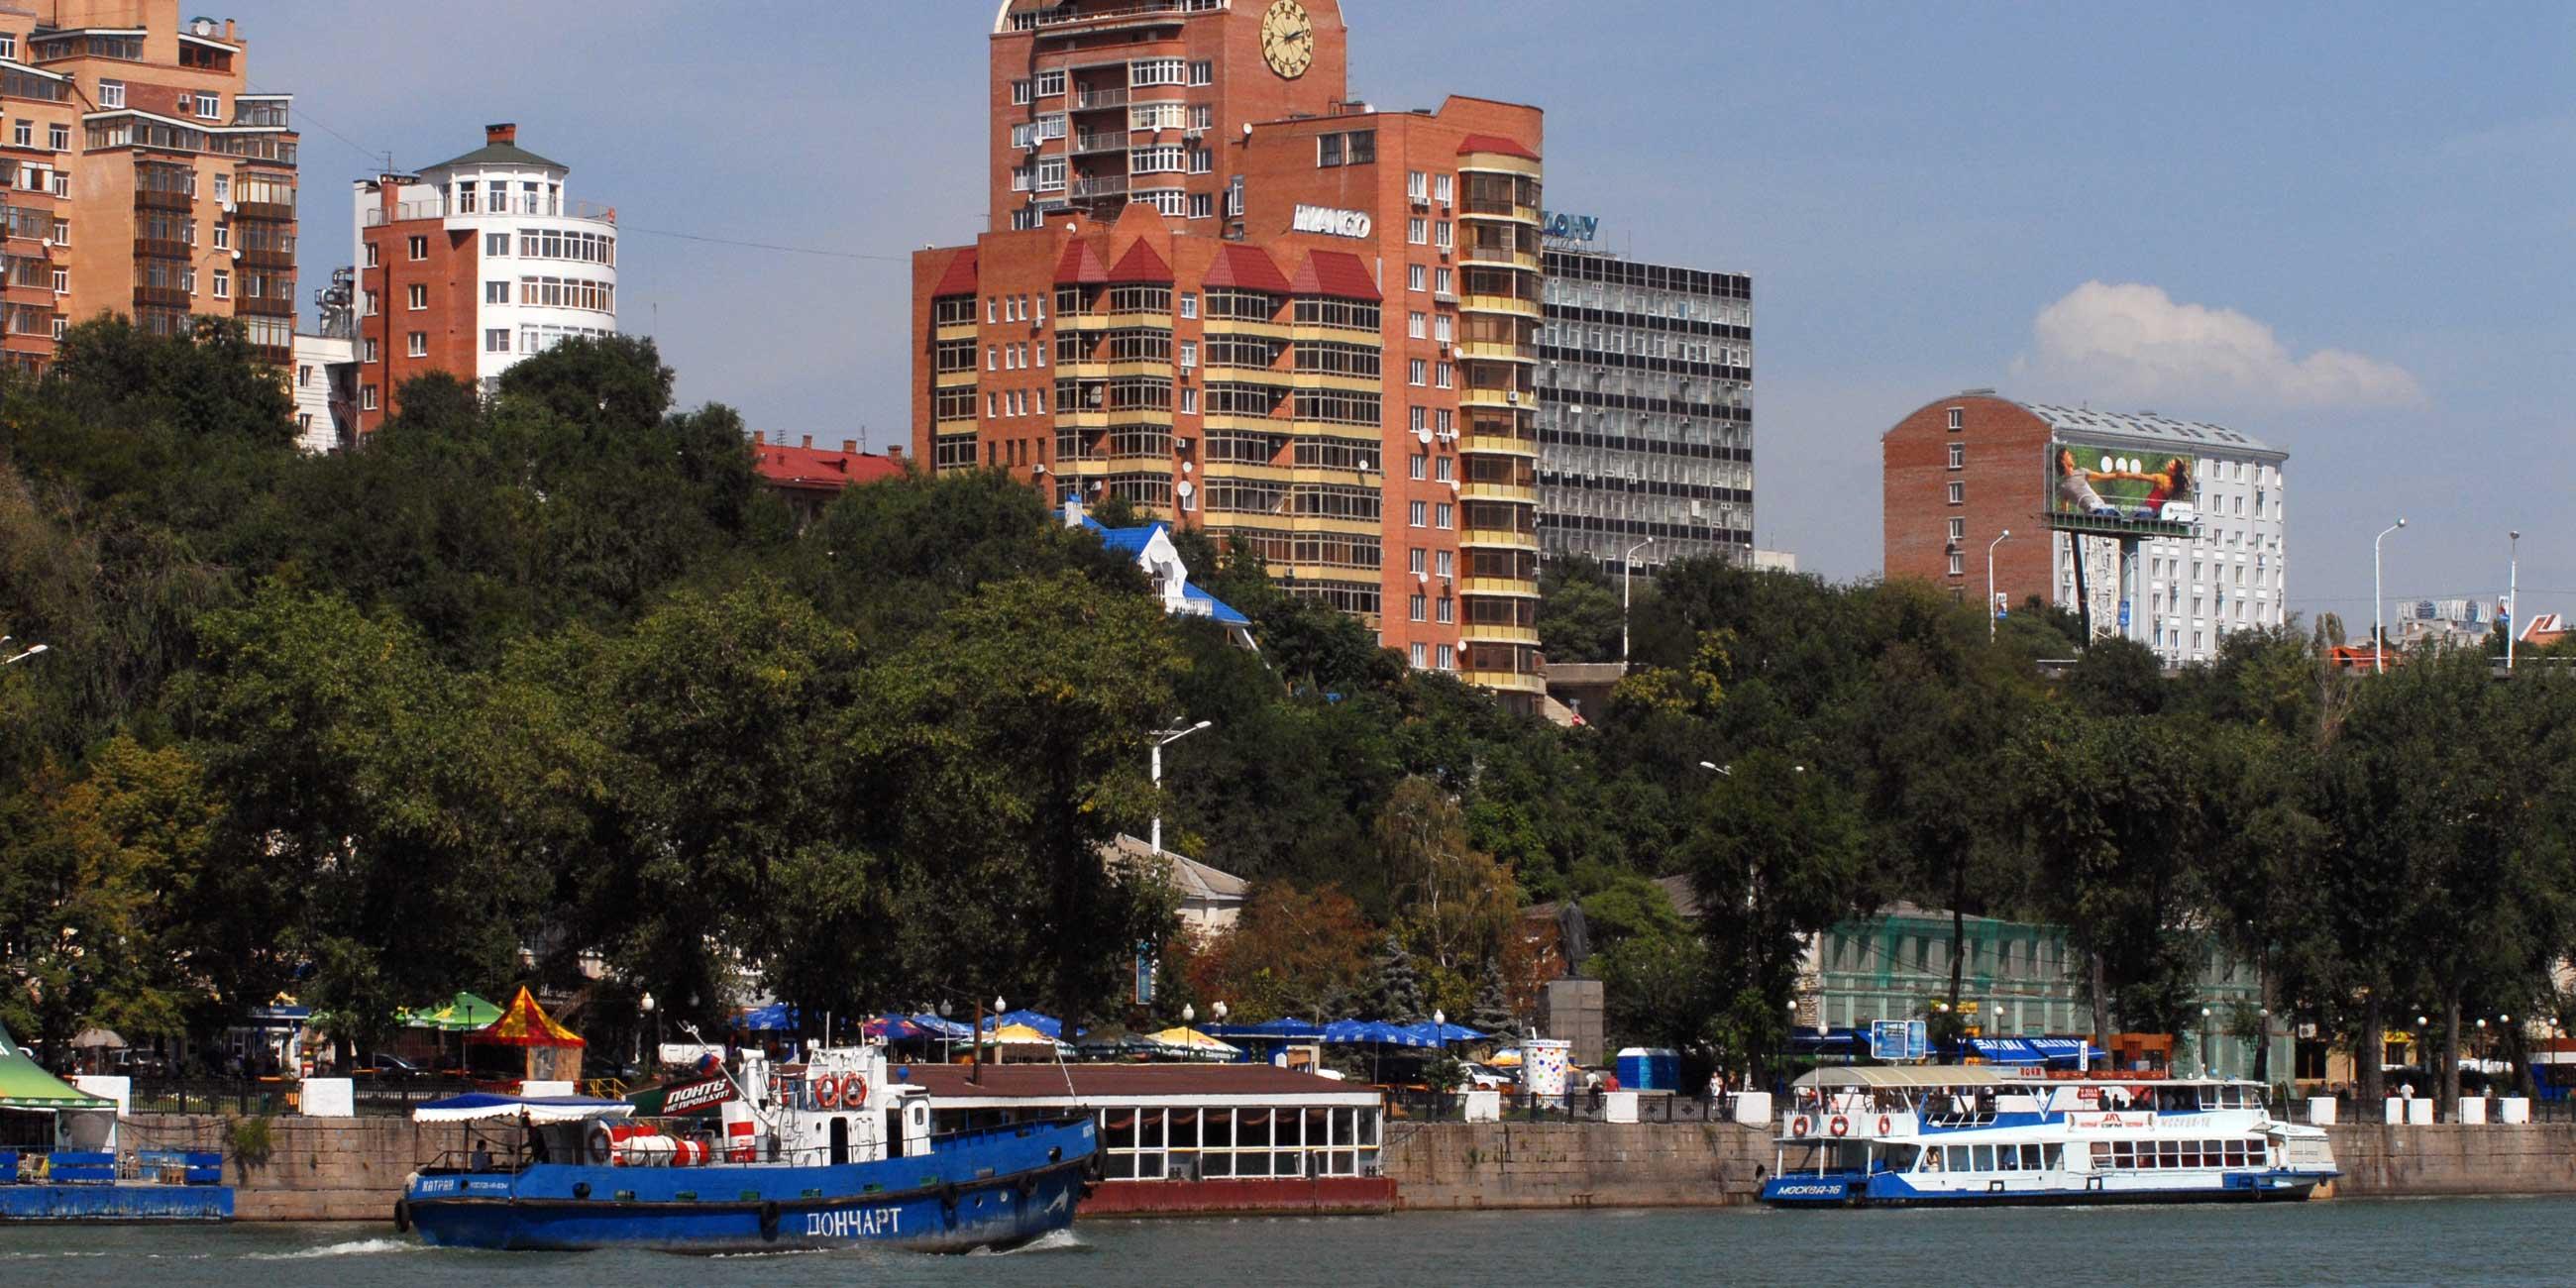 Летом на набережной работают десятки кафе и детских аттракционовФото: globallookpress.com